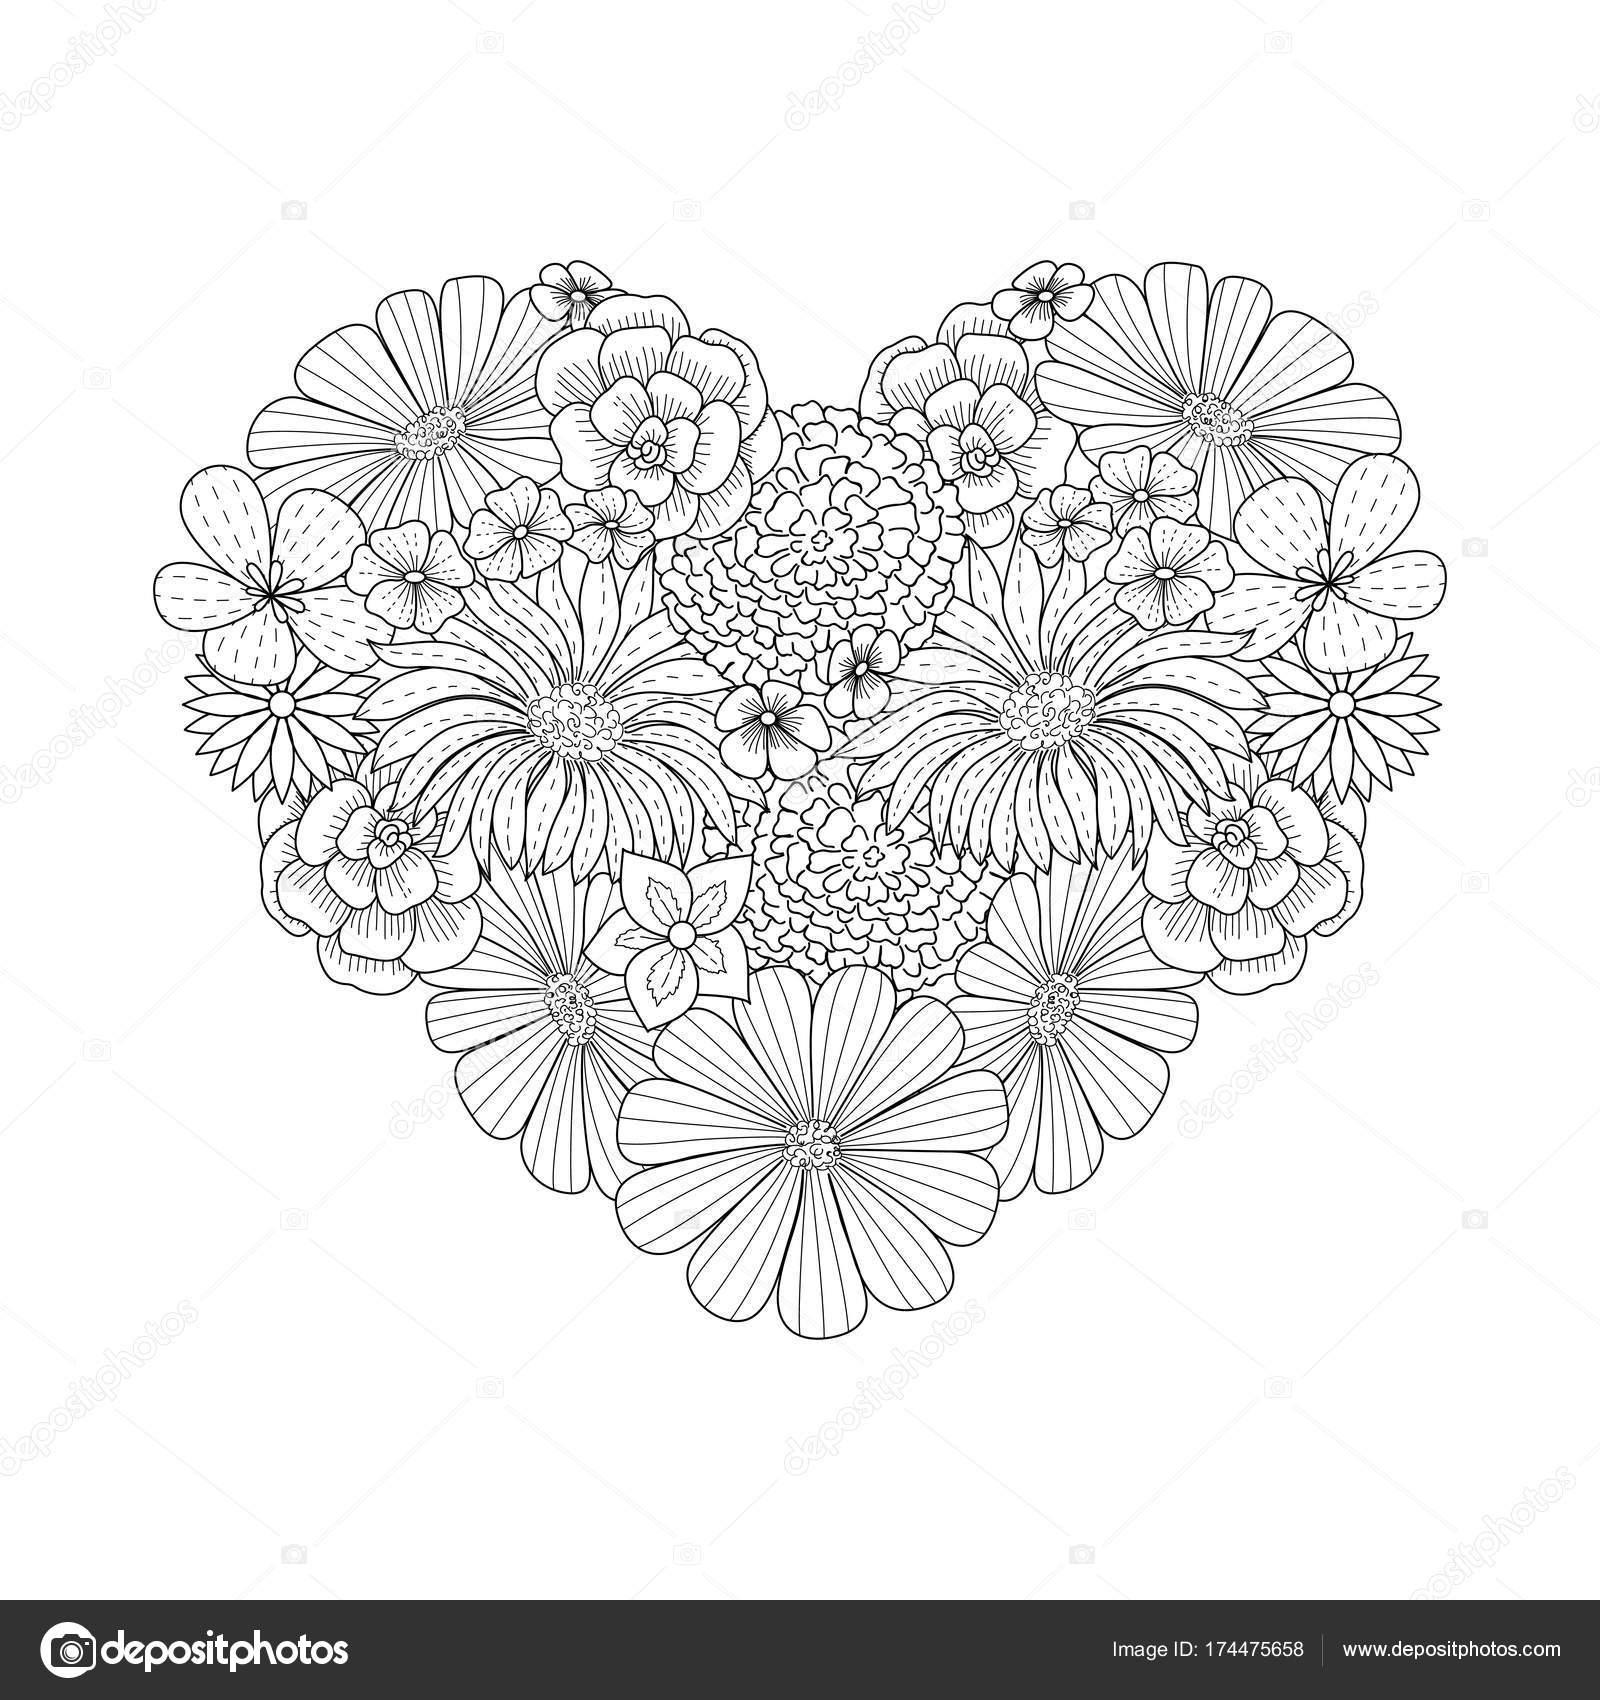 çiçek Kalp şekli Doodle Tarzı Boyama Kitabı Sayfası Stok Vektör